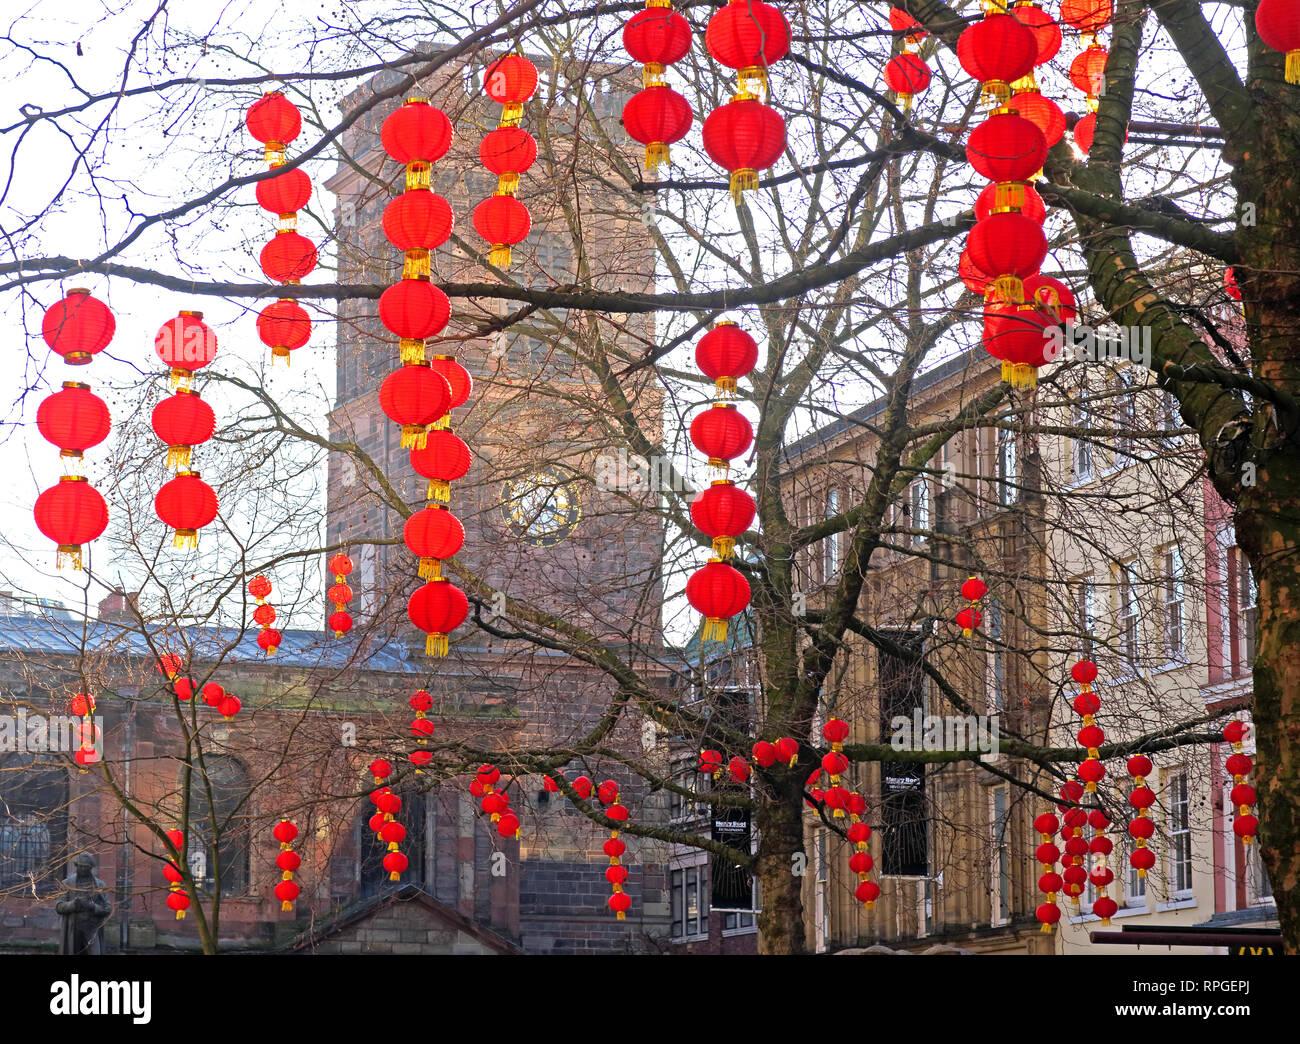 Laden Sie dieses Alamy Stockfoto Rote Laternen in St. Anns Square Manchester, Chinesisches neues Jahr, Chinatown, North West England, Großbritannien - RPGEPJ